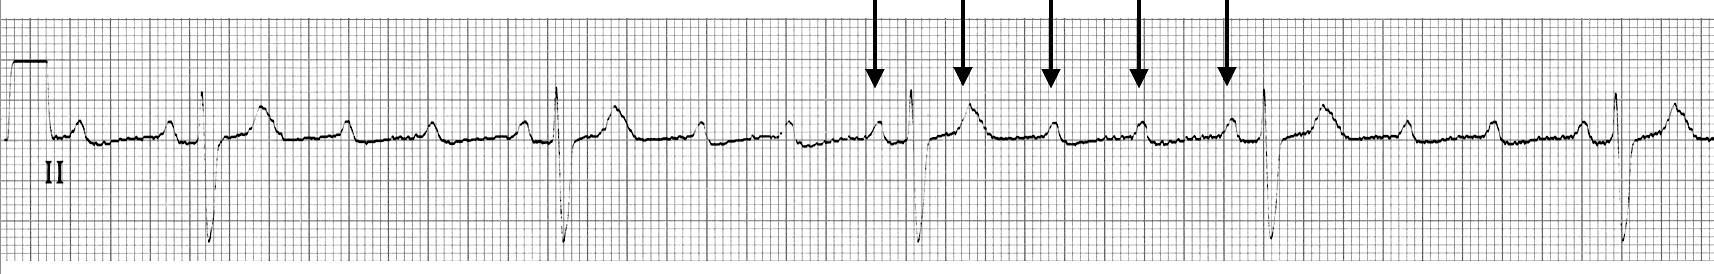 ECG Strip 4 to 1 AV block